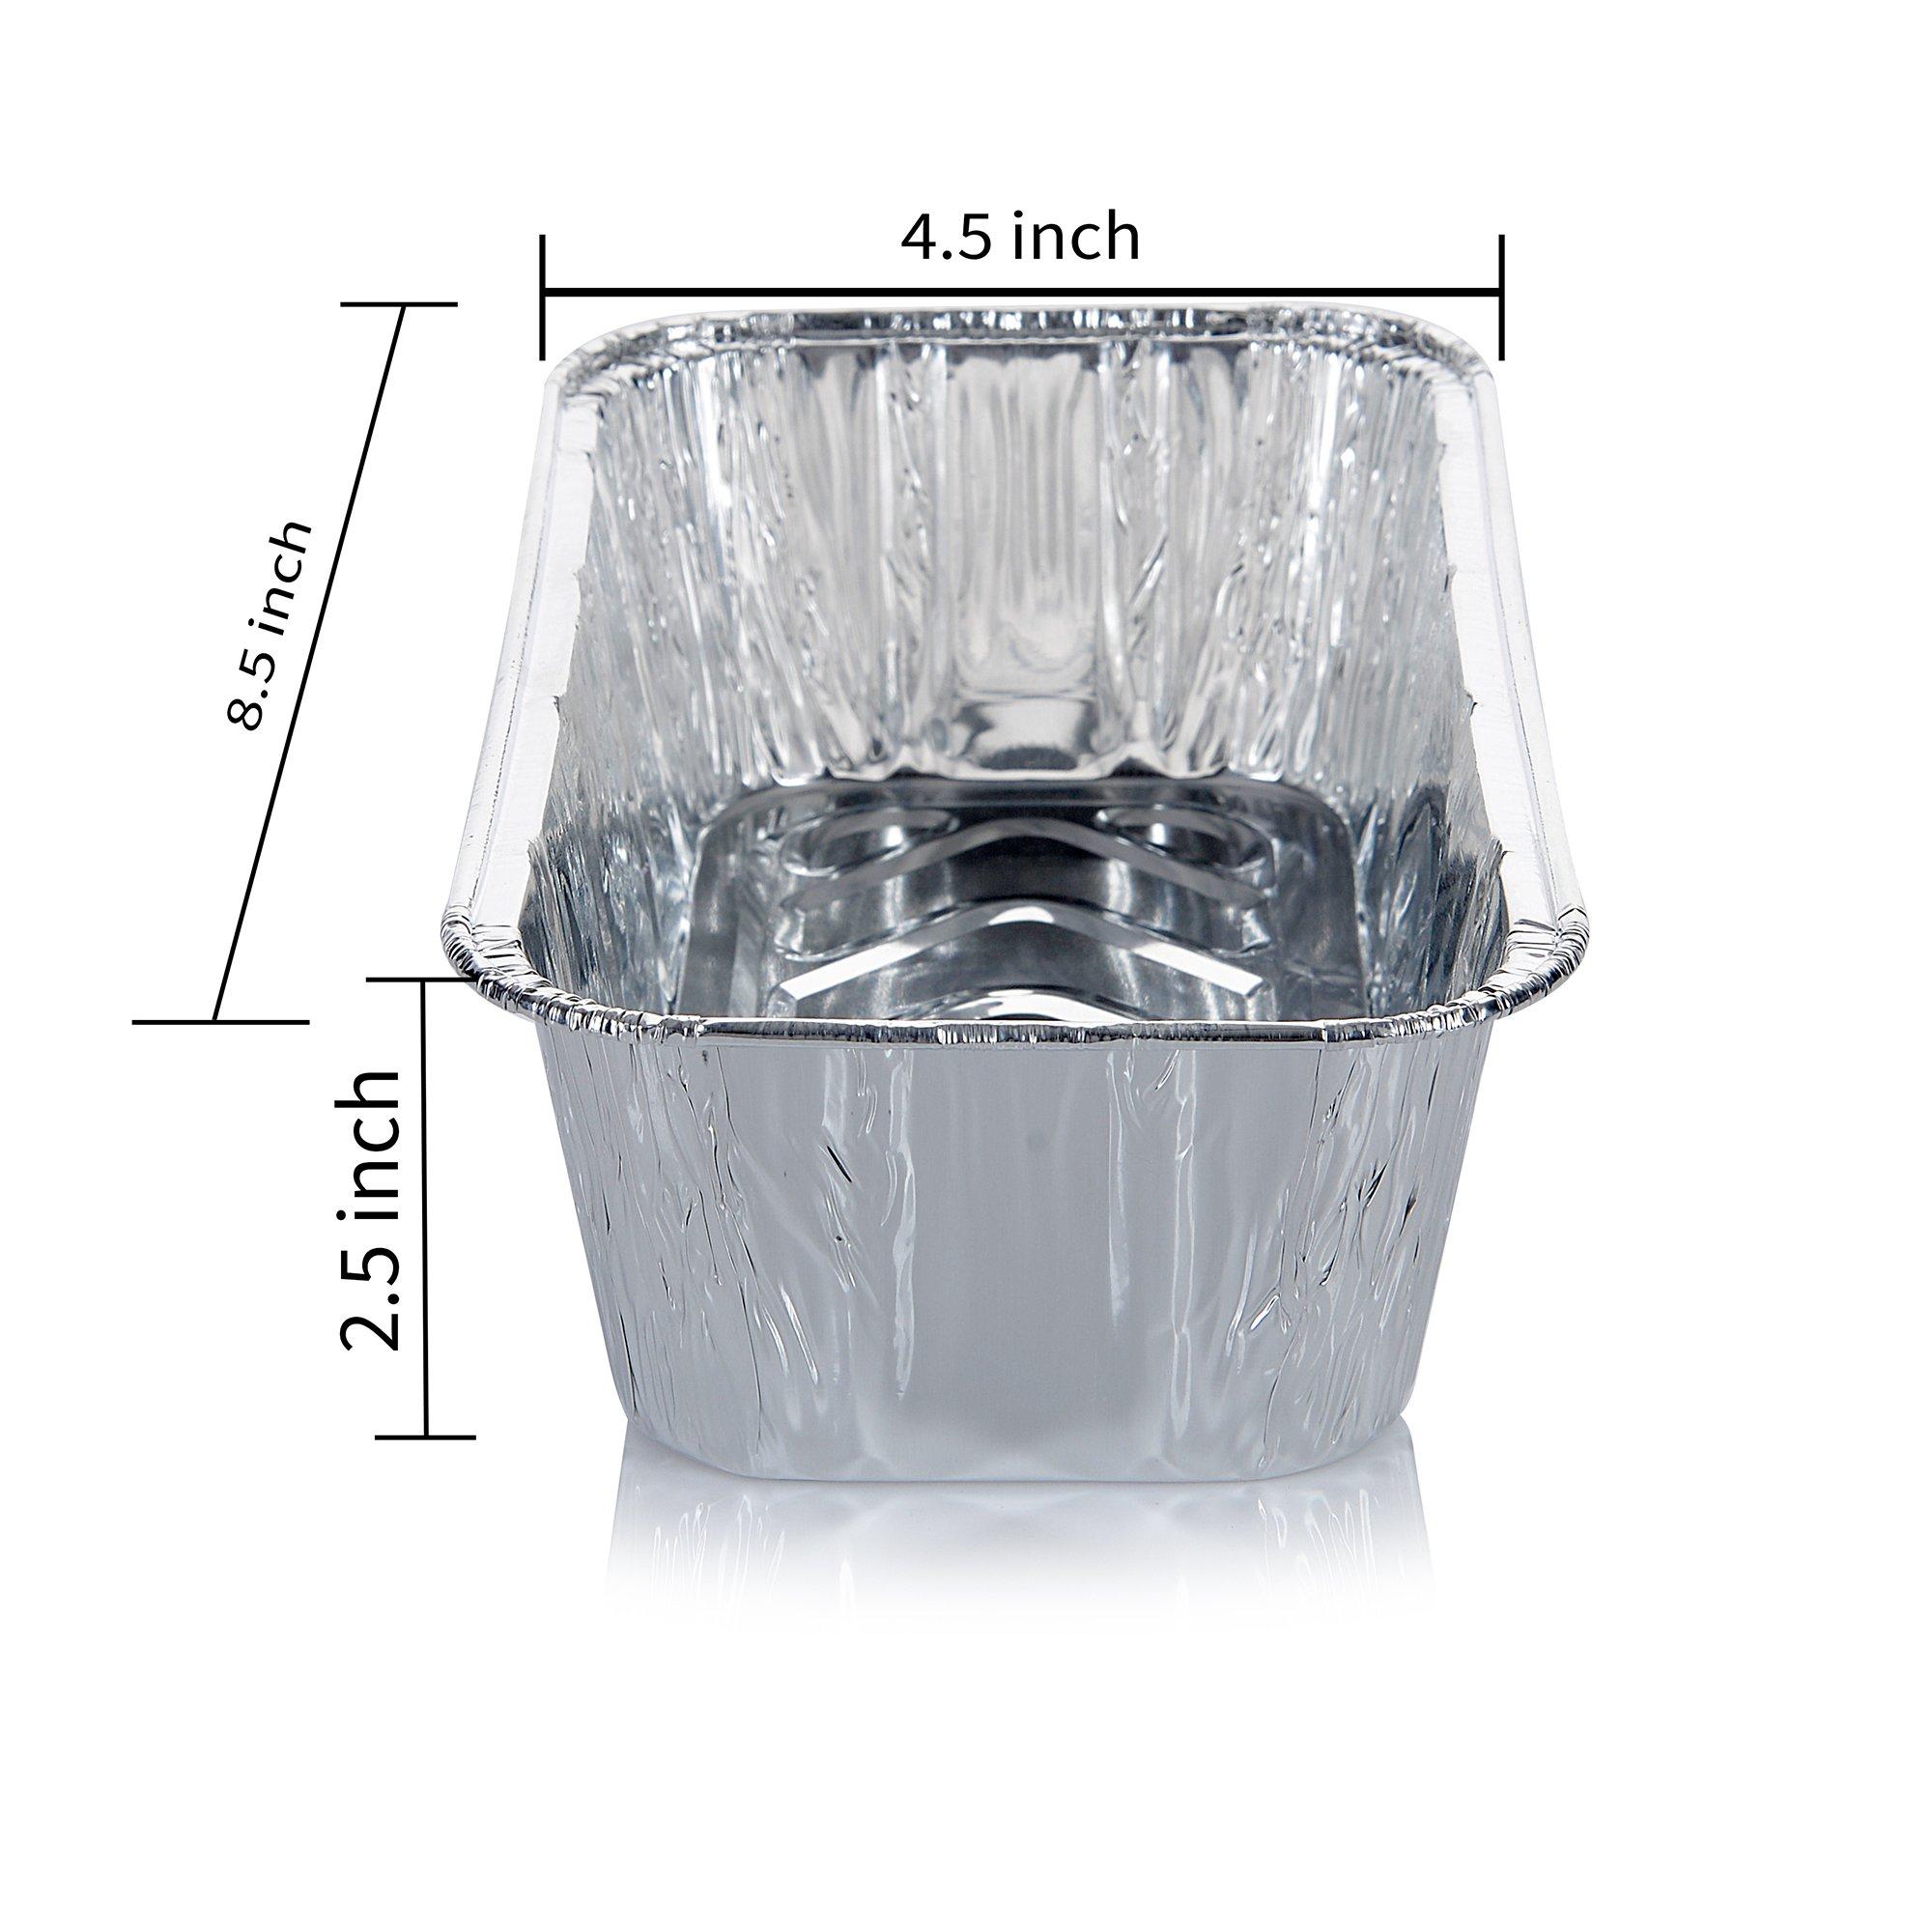 DOBI (50 Pack) Loaf Pans - Disposable Aluminum Foil 2Lb Bread Tins, Standard Size - 8.5'' X 4.5'' X 2.5'' by DOBI (Image #3)